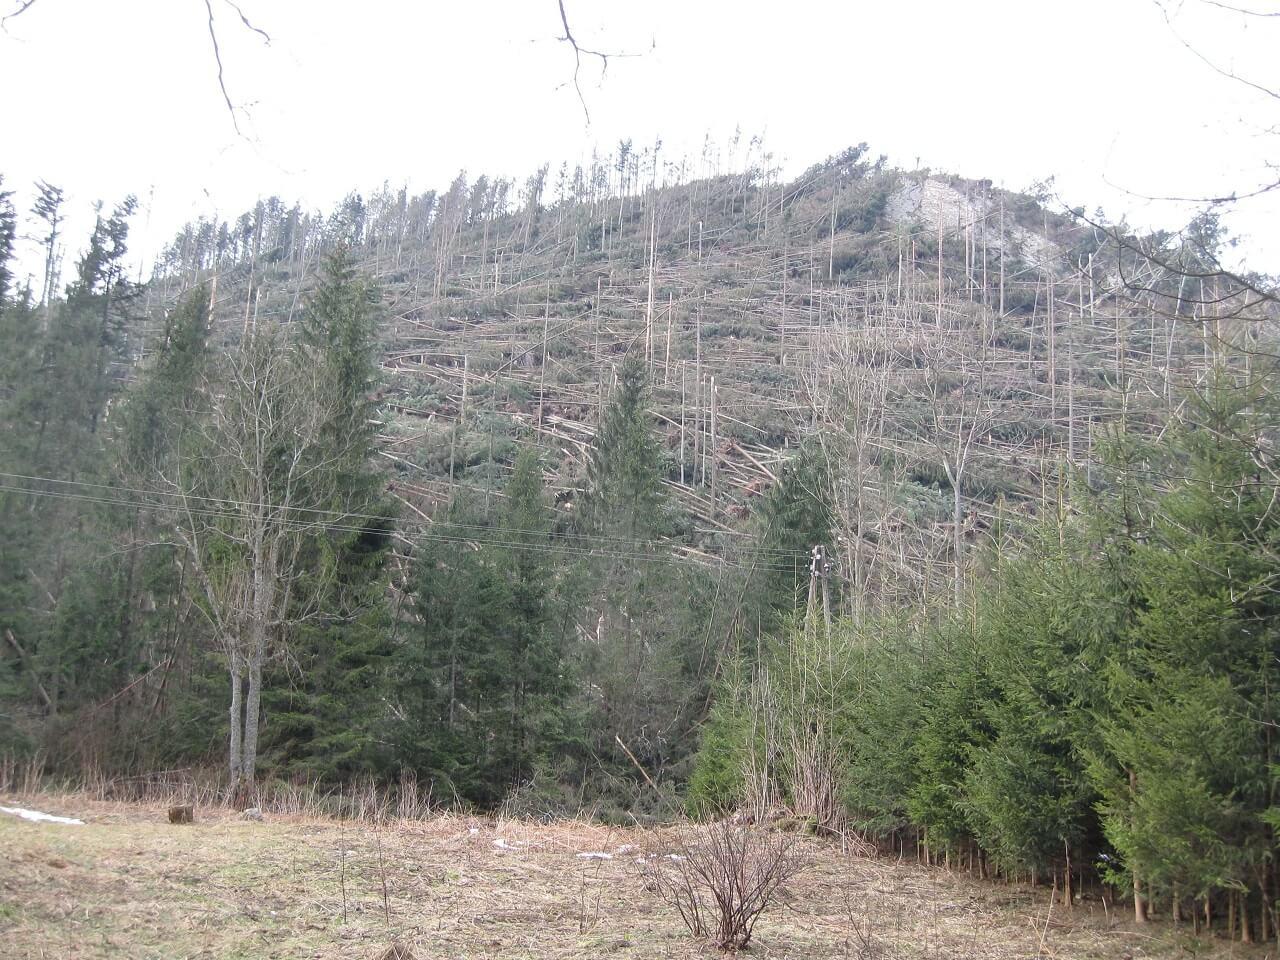 Skutki wiatru halnego w Tatrach i na Podhalu (25 XII 2013 – prędkość wiatru w porywach około 180 km/h)